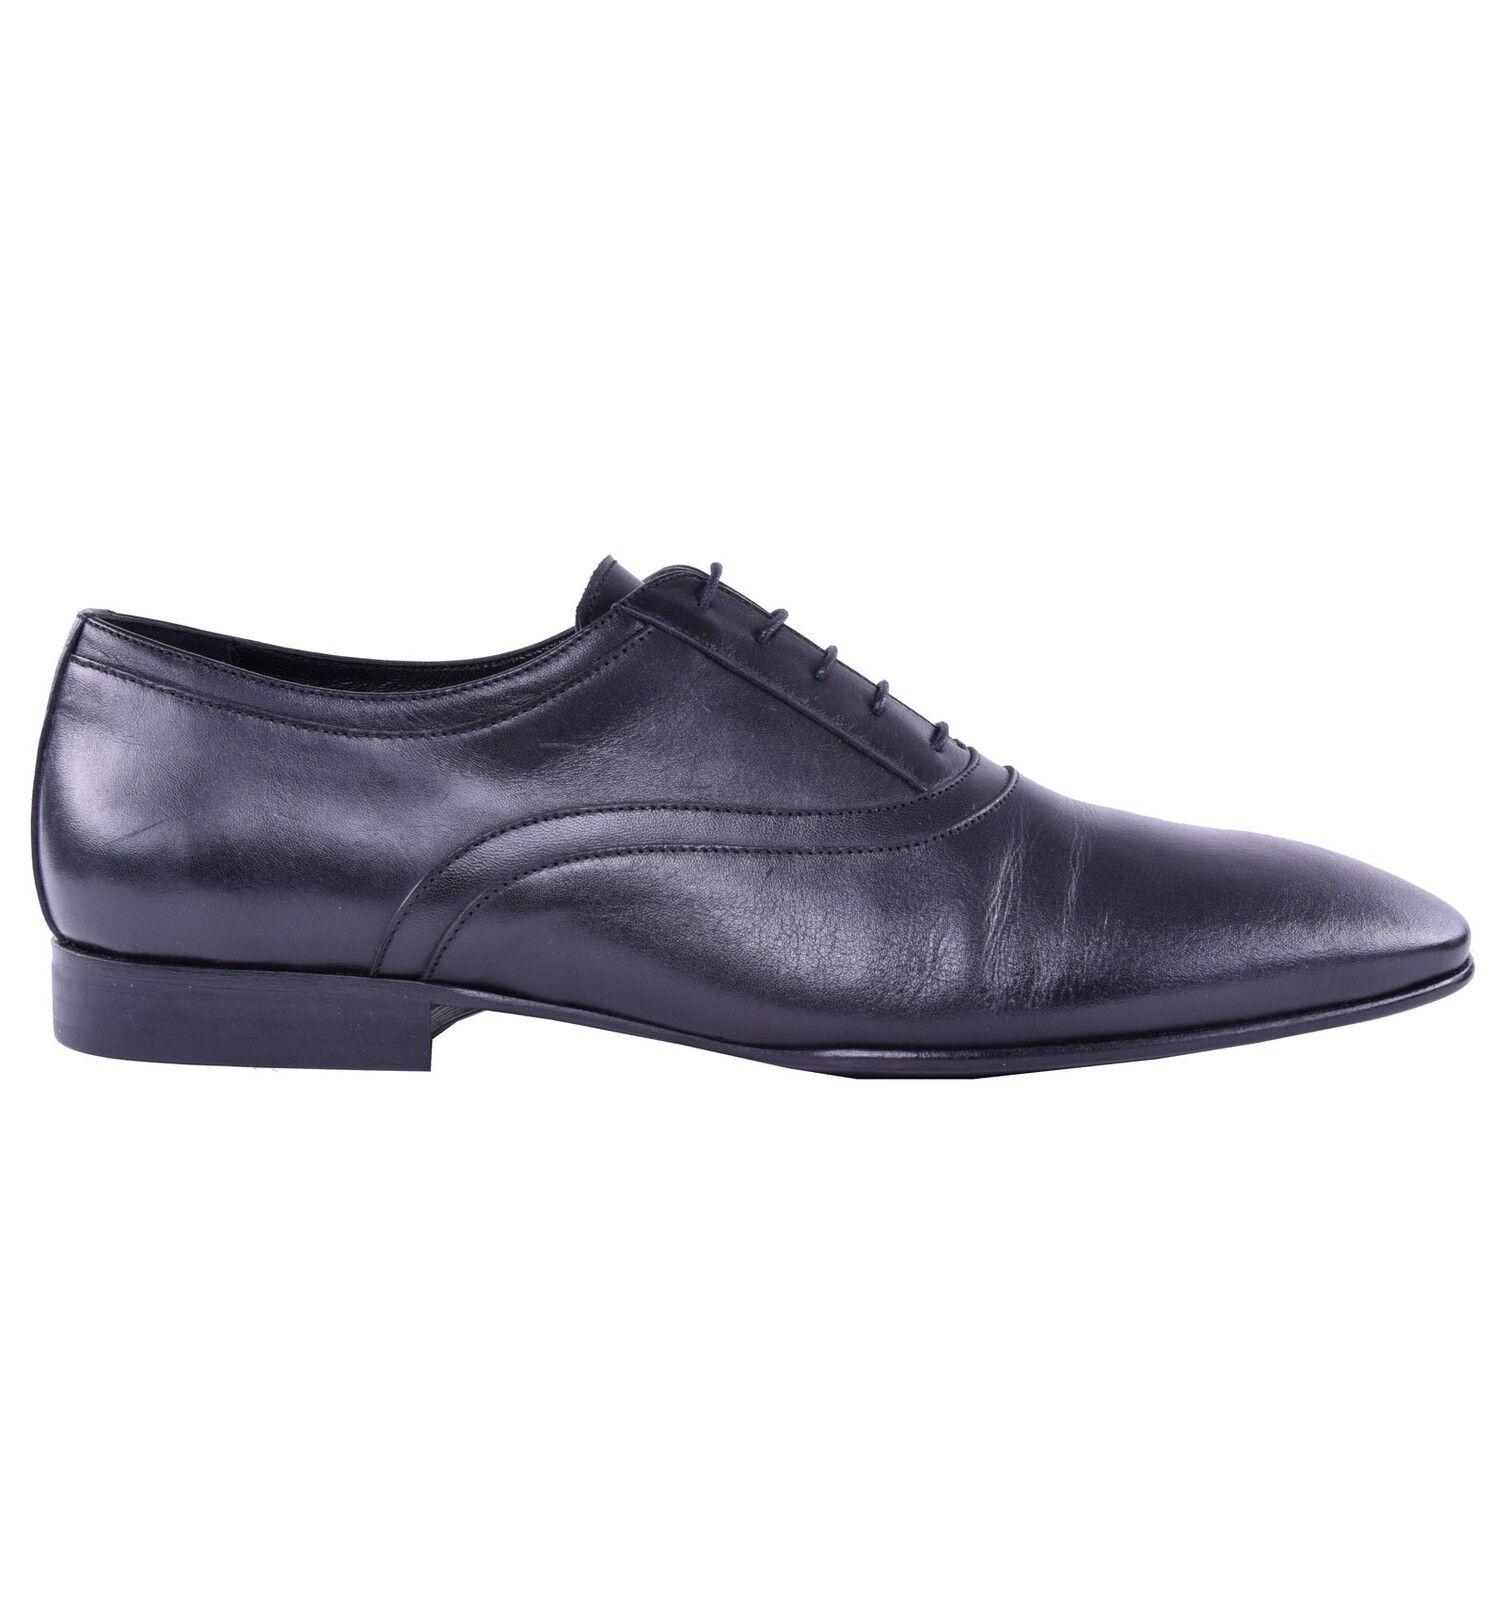 John Galliano shoes d'affaires black shoes black 03965